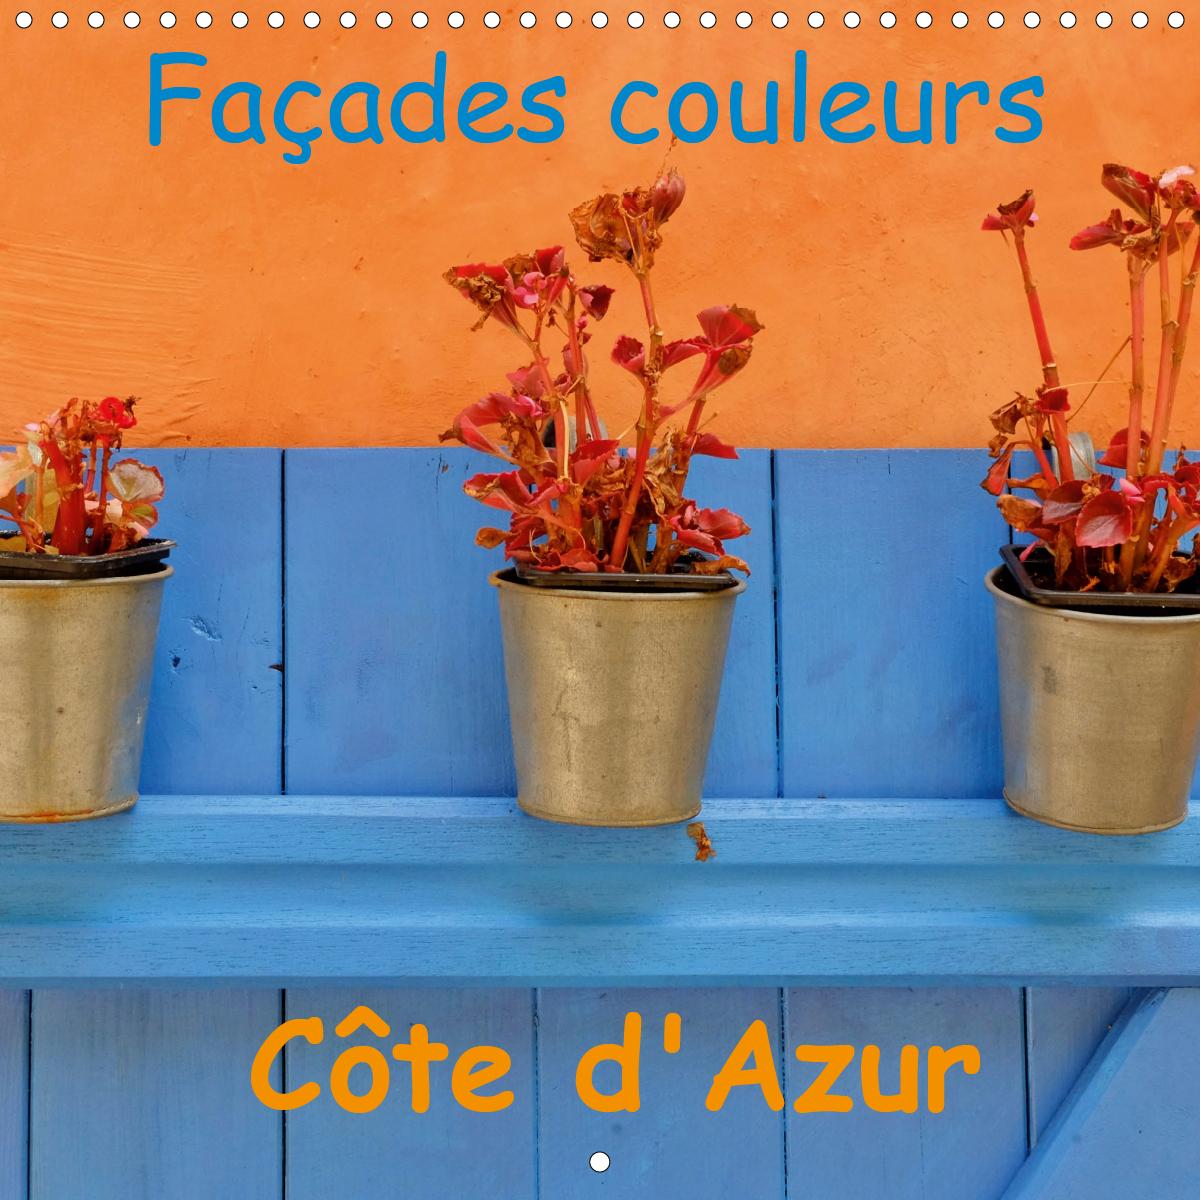 FACADES COULEURS COTE D AZUR CALENDRIER MURAL 2020 300 300 MM SQUARE - LA COTE D AZUR ET SES MULTIPL